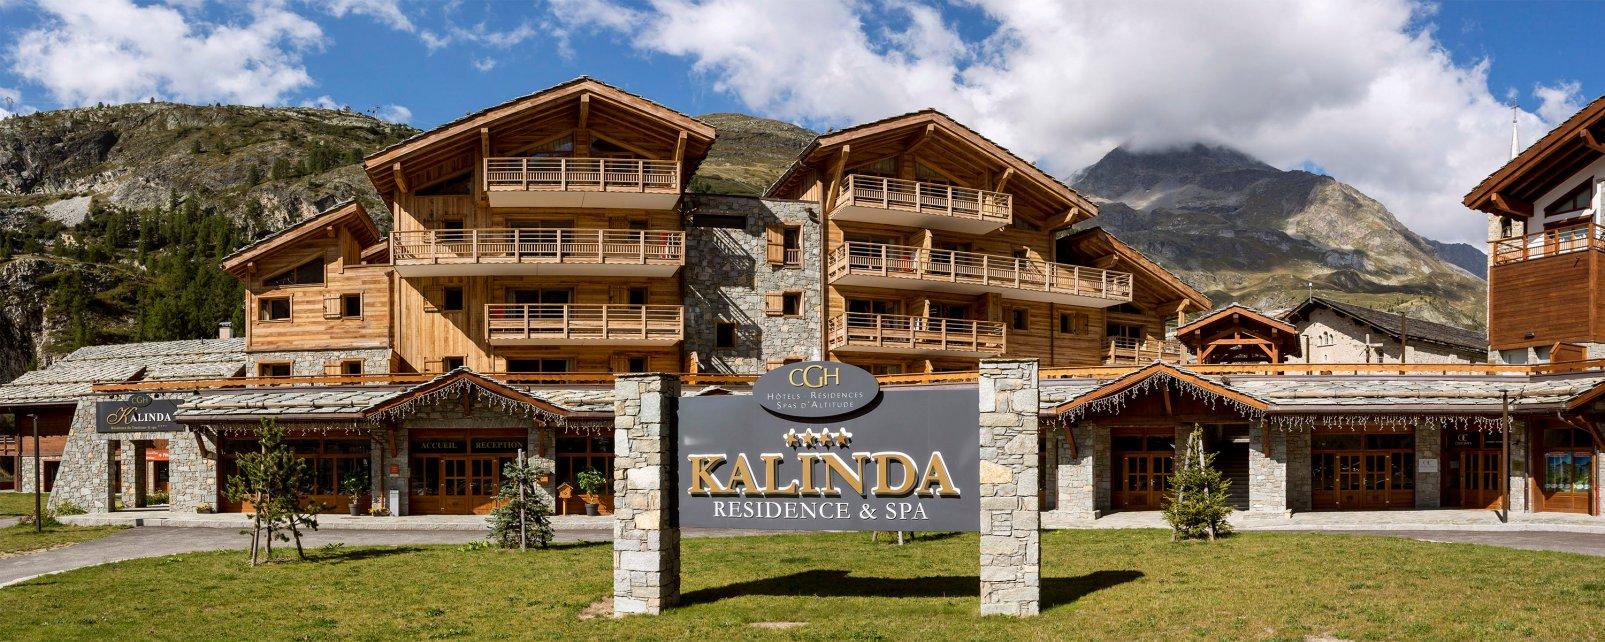 Hôtel Residence CGH Kalinda